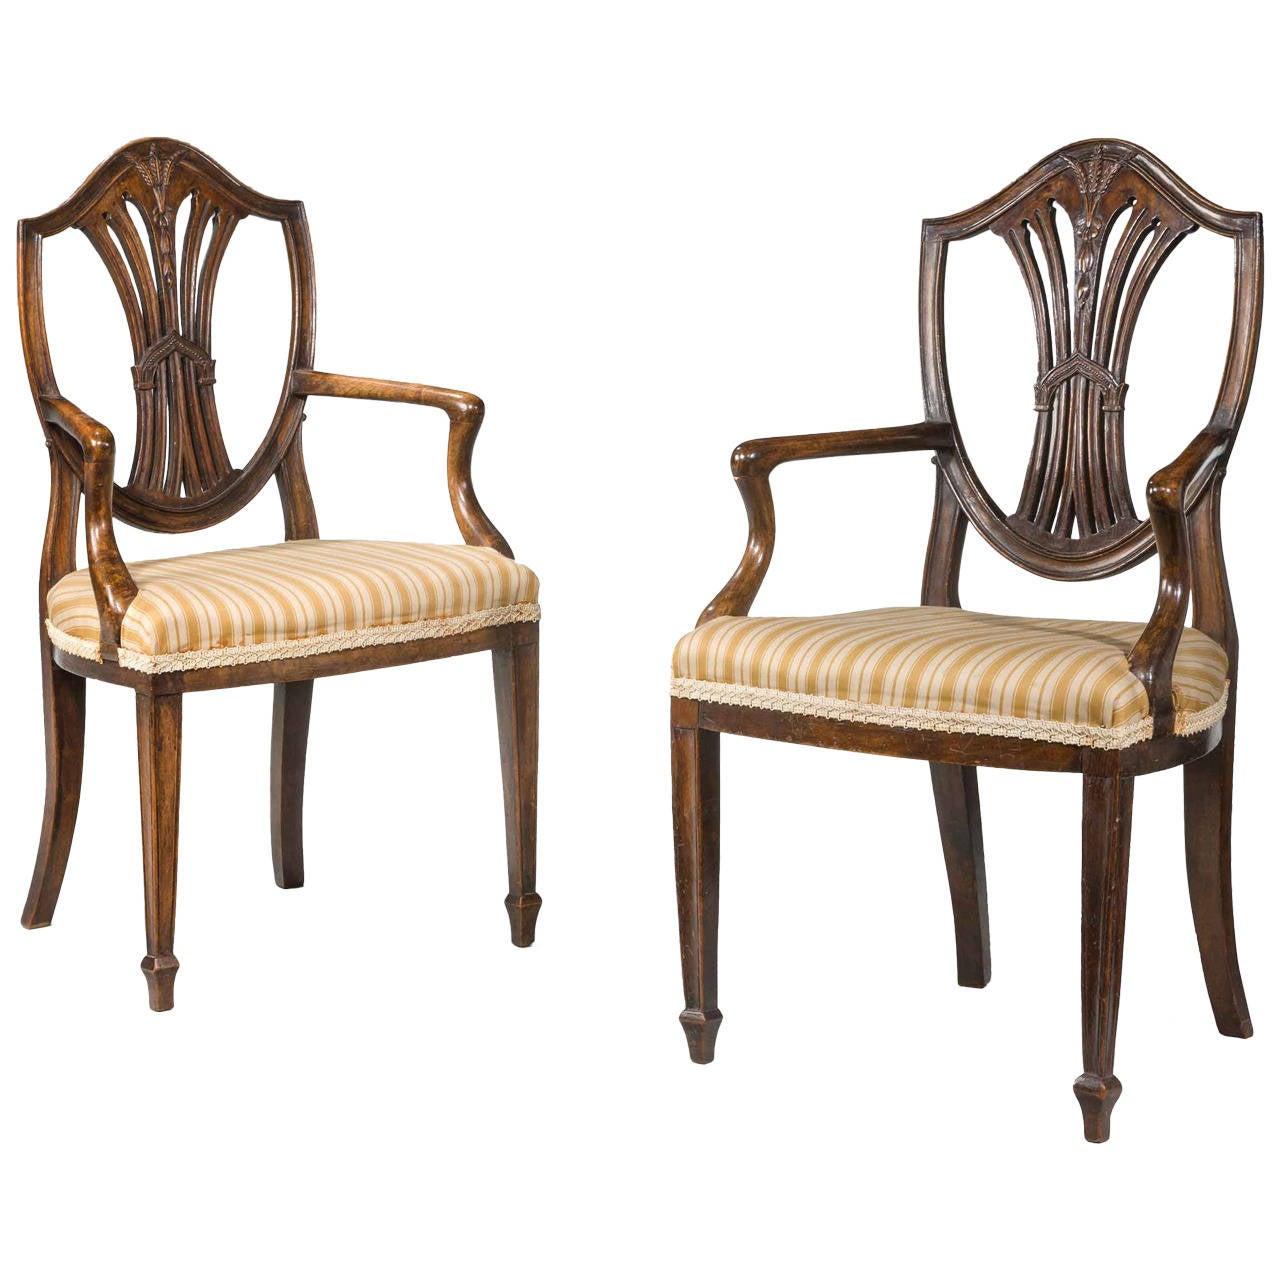 19th Century Pair of Childrens Chairs of Hepplewhite